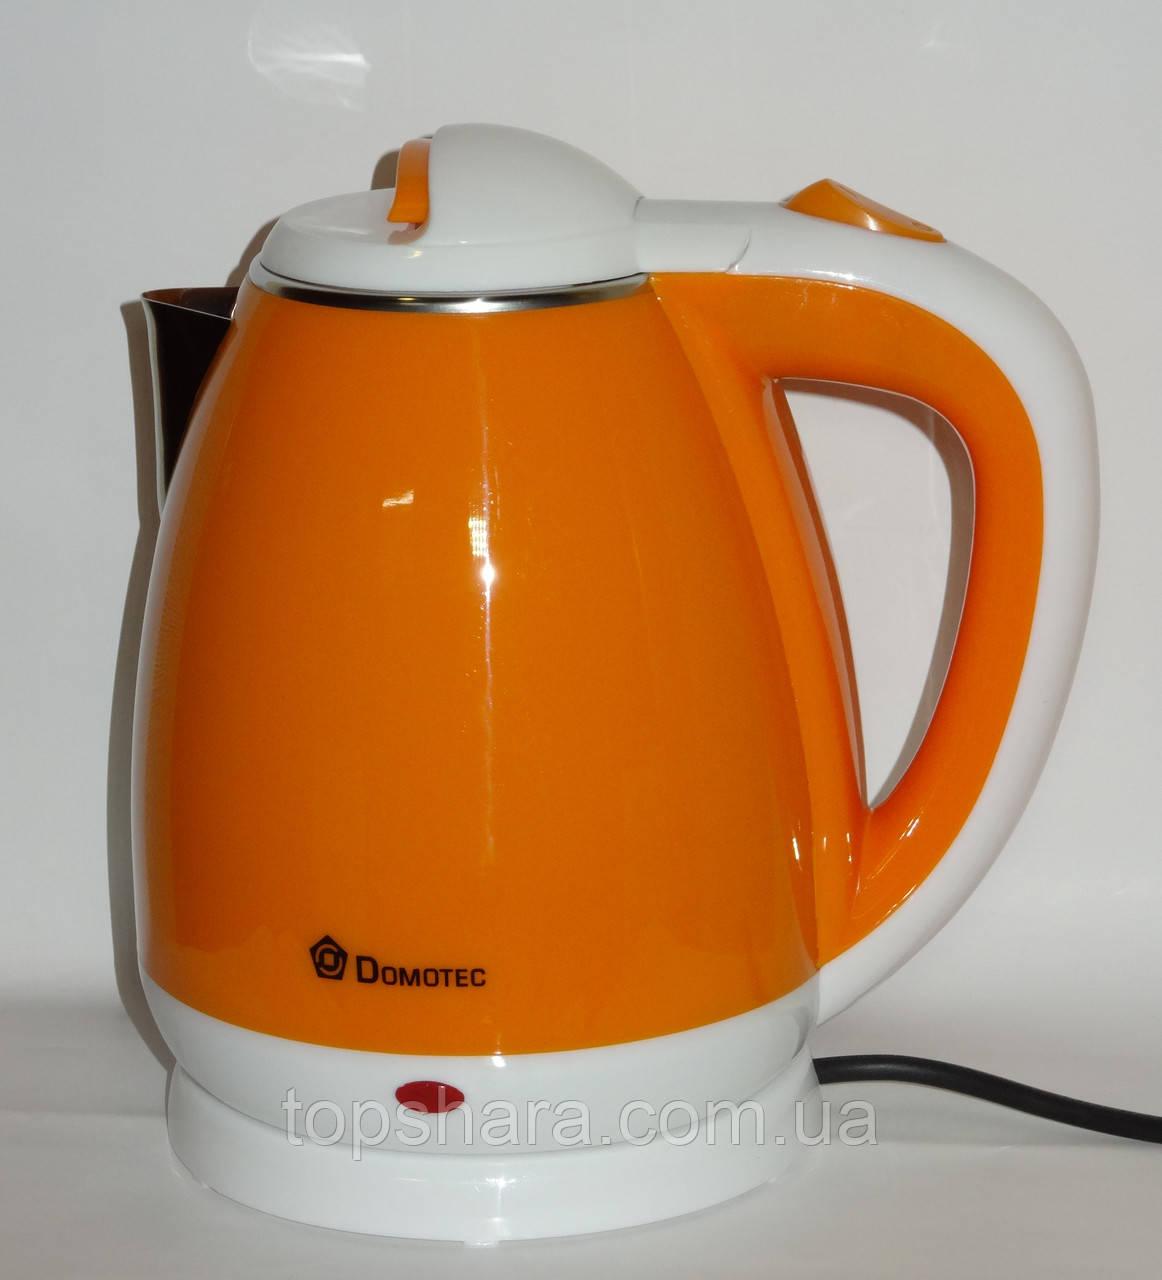 Электрочайник нержавейка-пластик Domotec DT-901 1.8л оранжевый